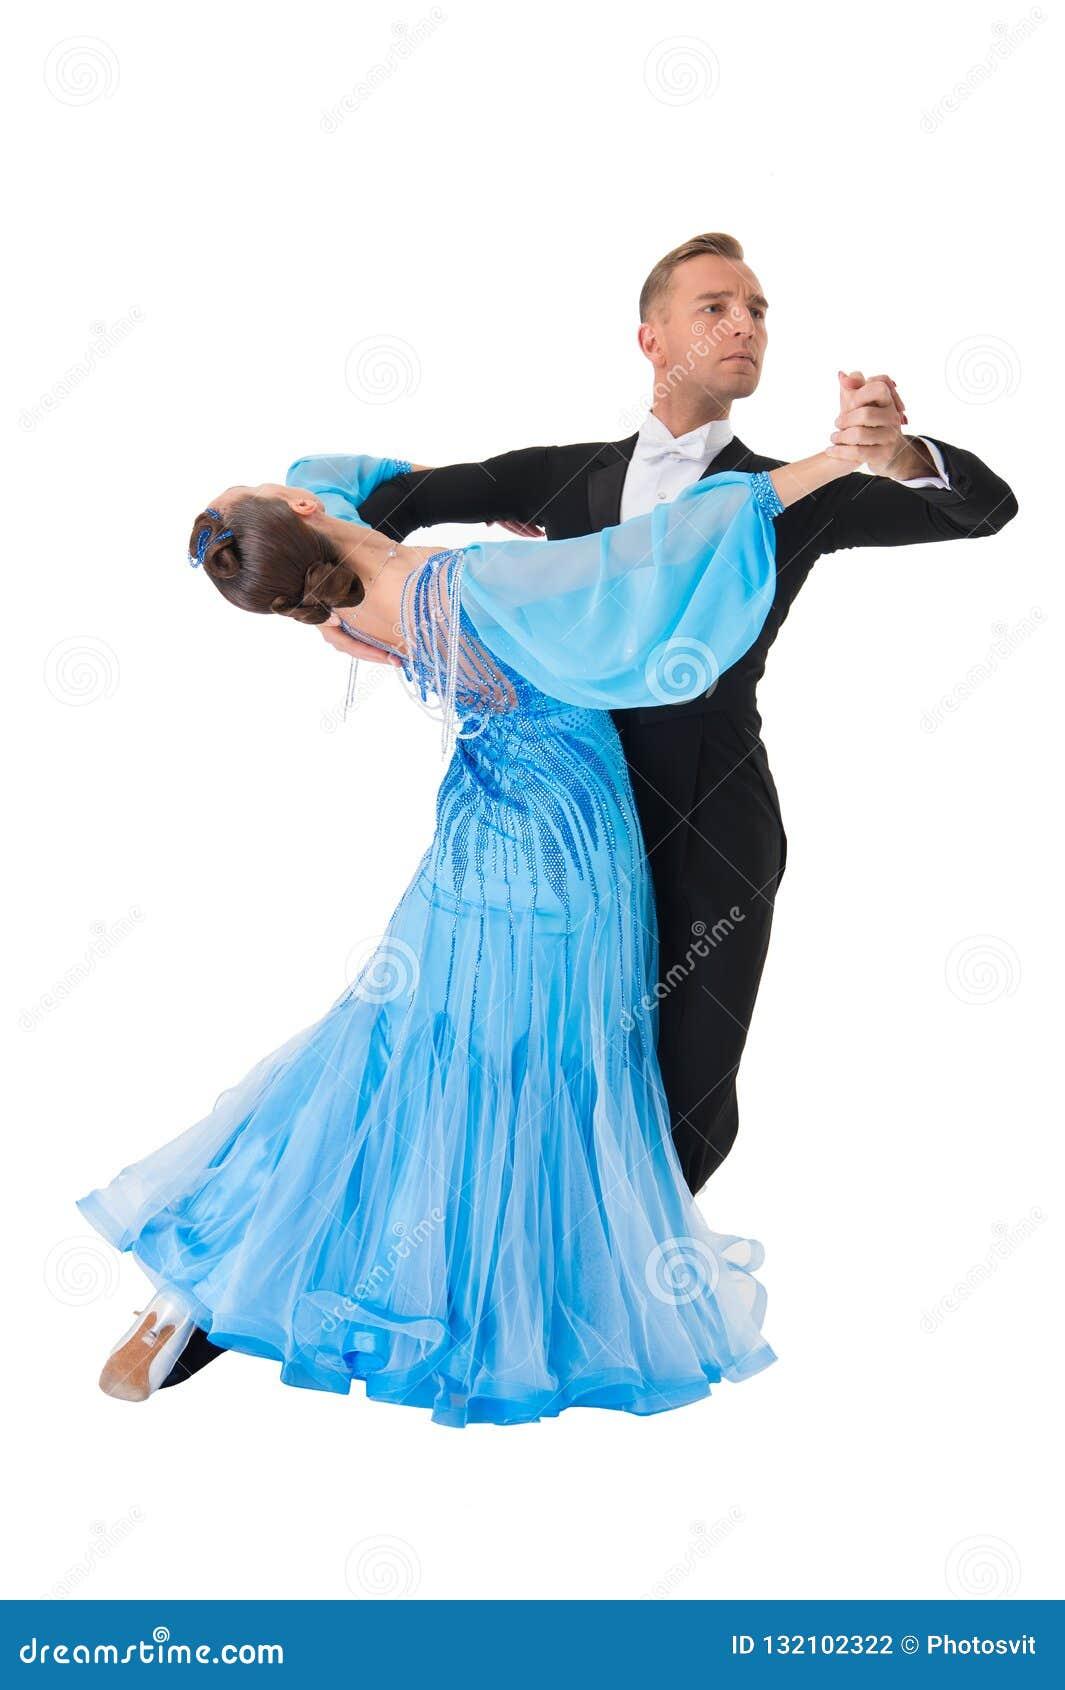 Par för balsaldans i en dans poserar isolerat på vit bakgrund sinnliga proffessionaldansare för balsal som dansar walz